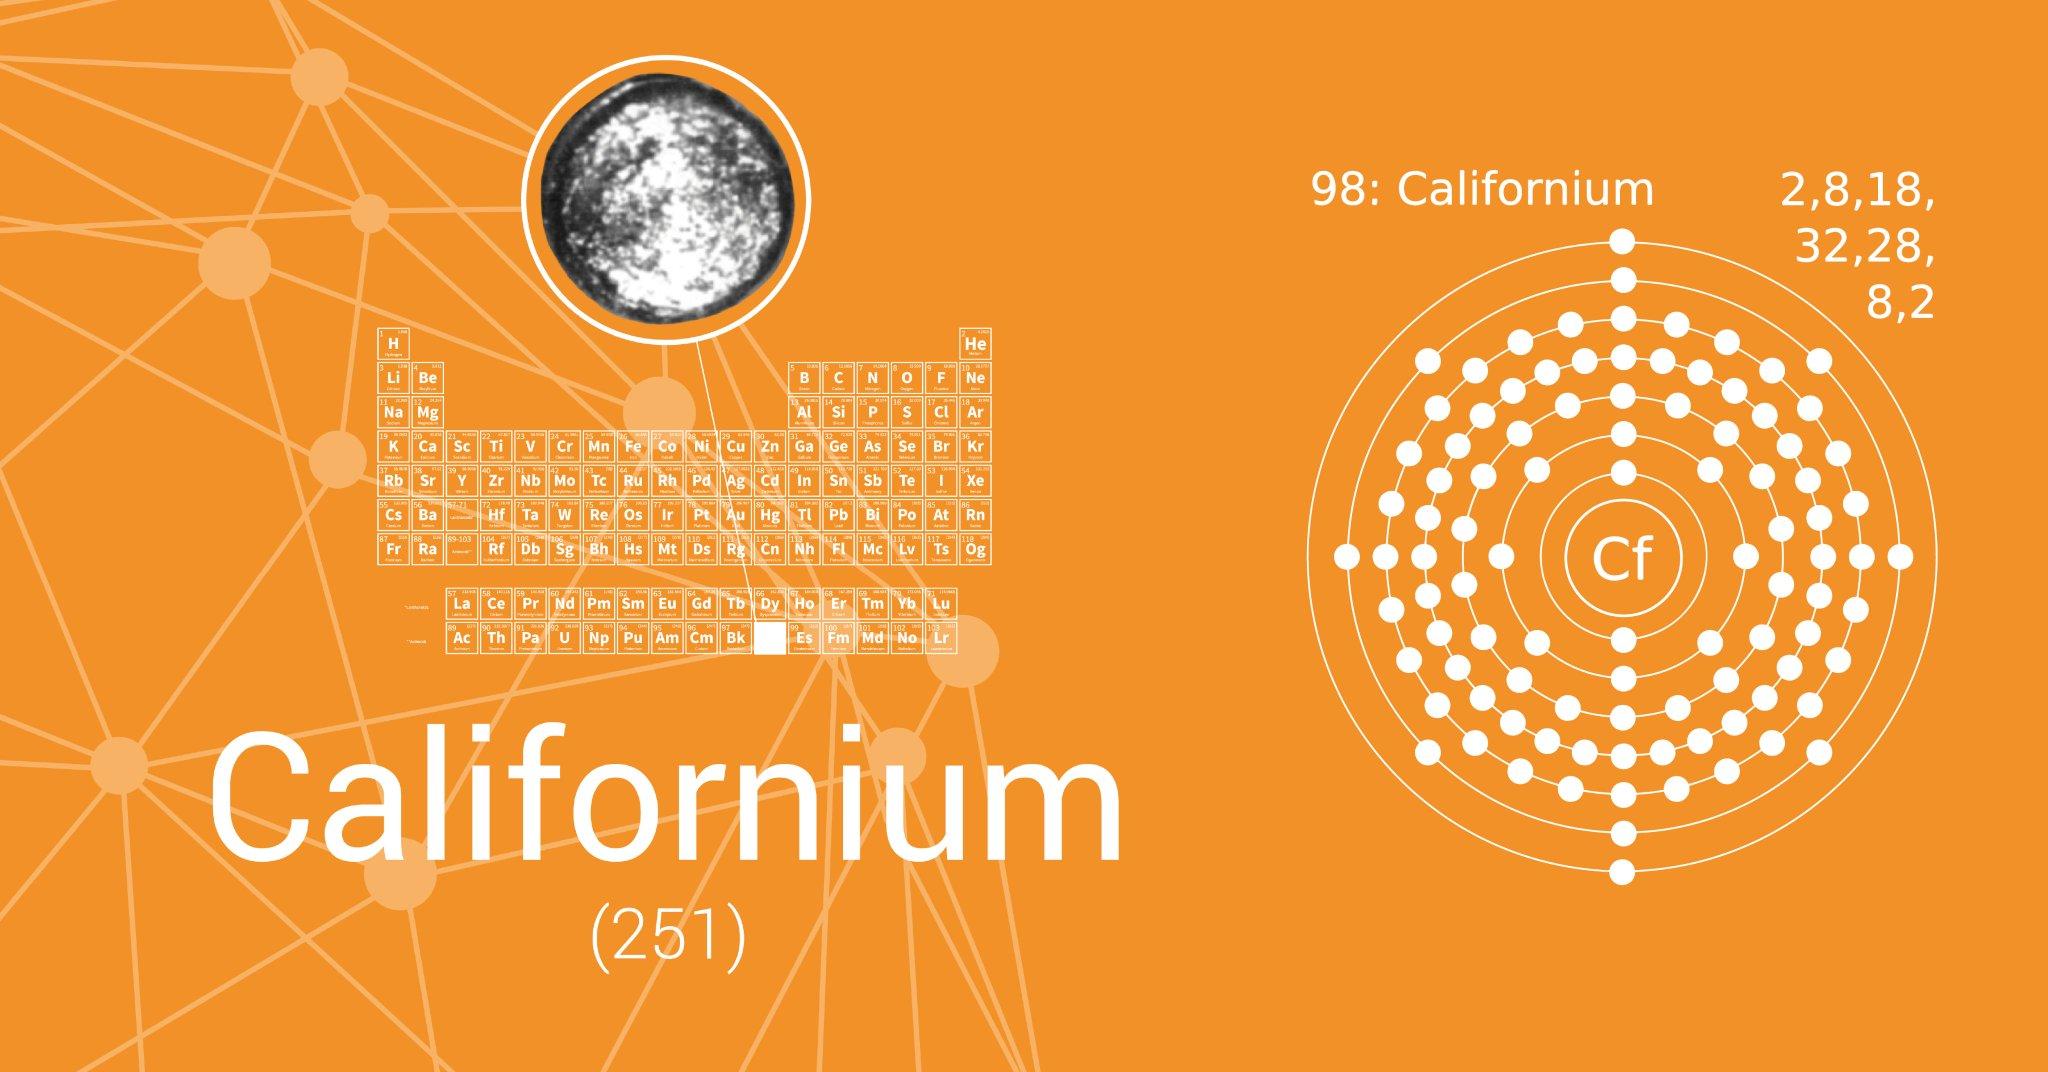 """টুইটারে IAEA - International Atomic Energy Agency: """"The discovery of # californium was announced 71 years ago #onthisday, after it was synthesized  by a team of physicists at the @UCBerkeley Radiation Laboratory. #Thread #"""